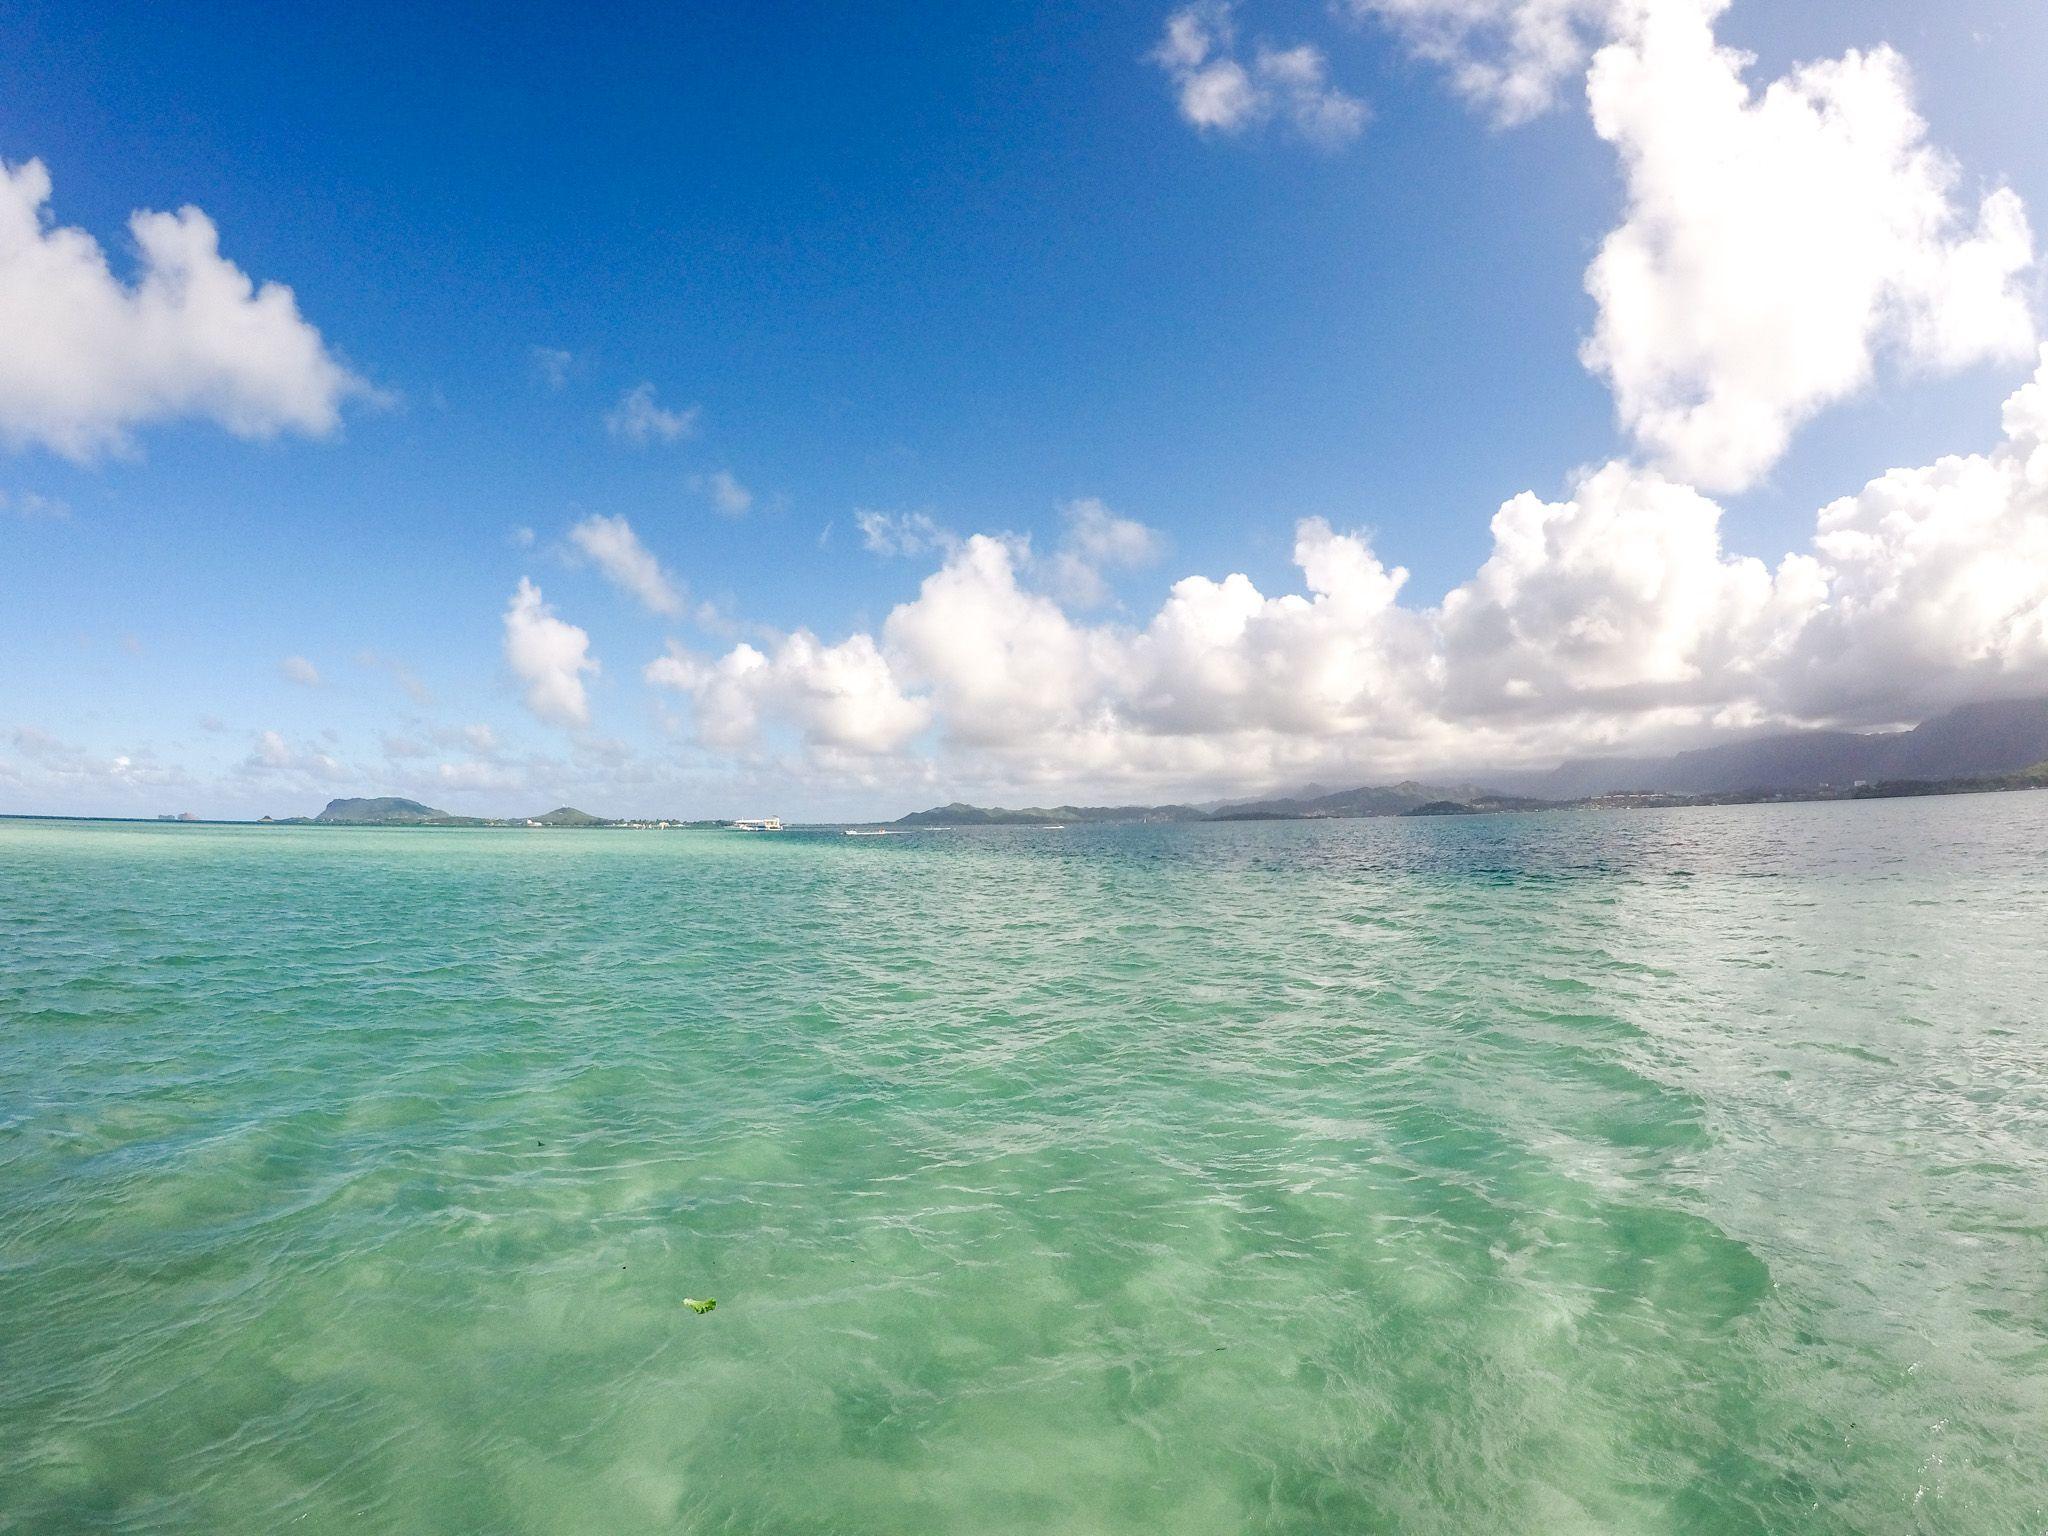 ハワイは最近日が暮れるのが早くなってきました Captainbruce Sandbar Kaneohe Hawaii Oahu Boat Ocean キャプテンブルース 天国の海 サンドバー ハワイ大好き 景色 海 Oahu Kaneohe Private Yacht